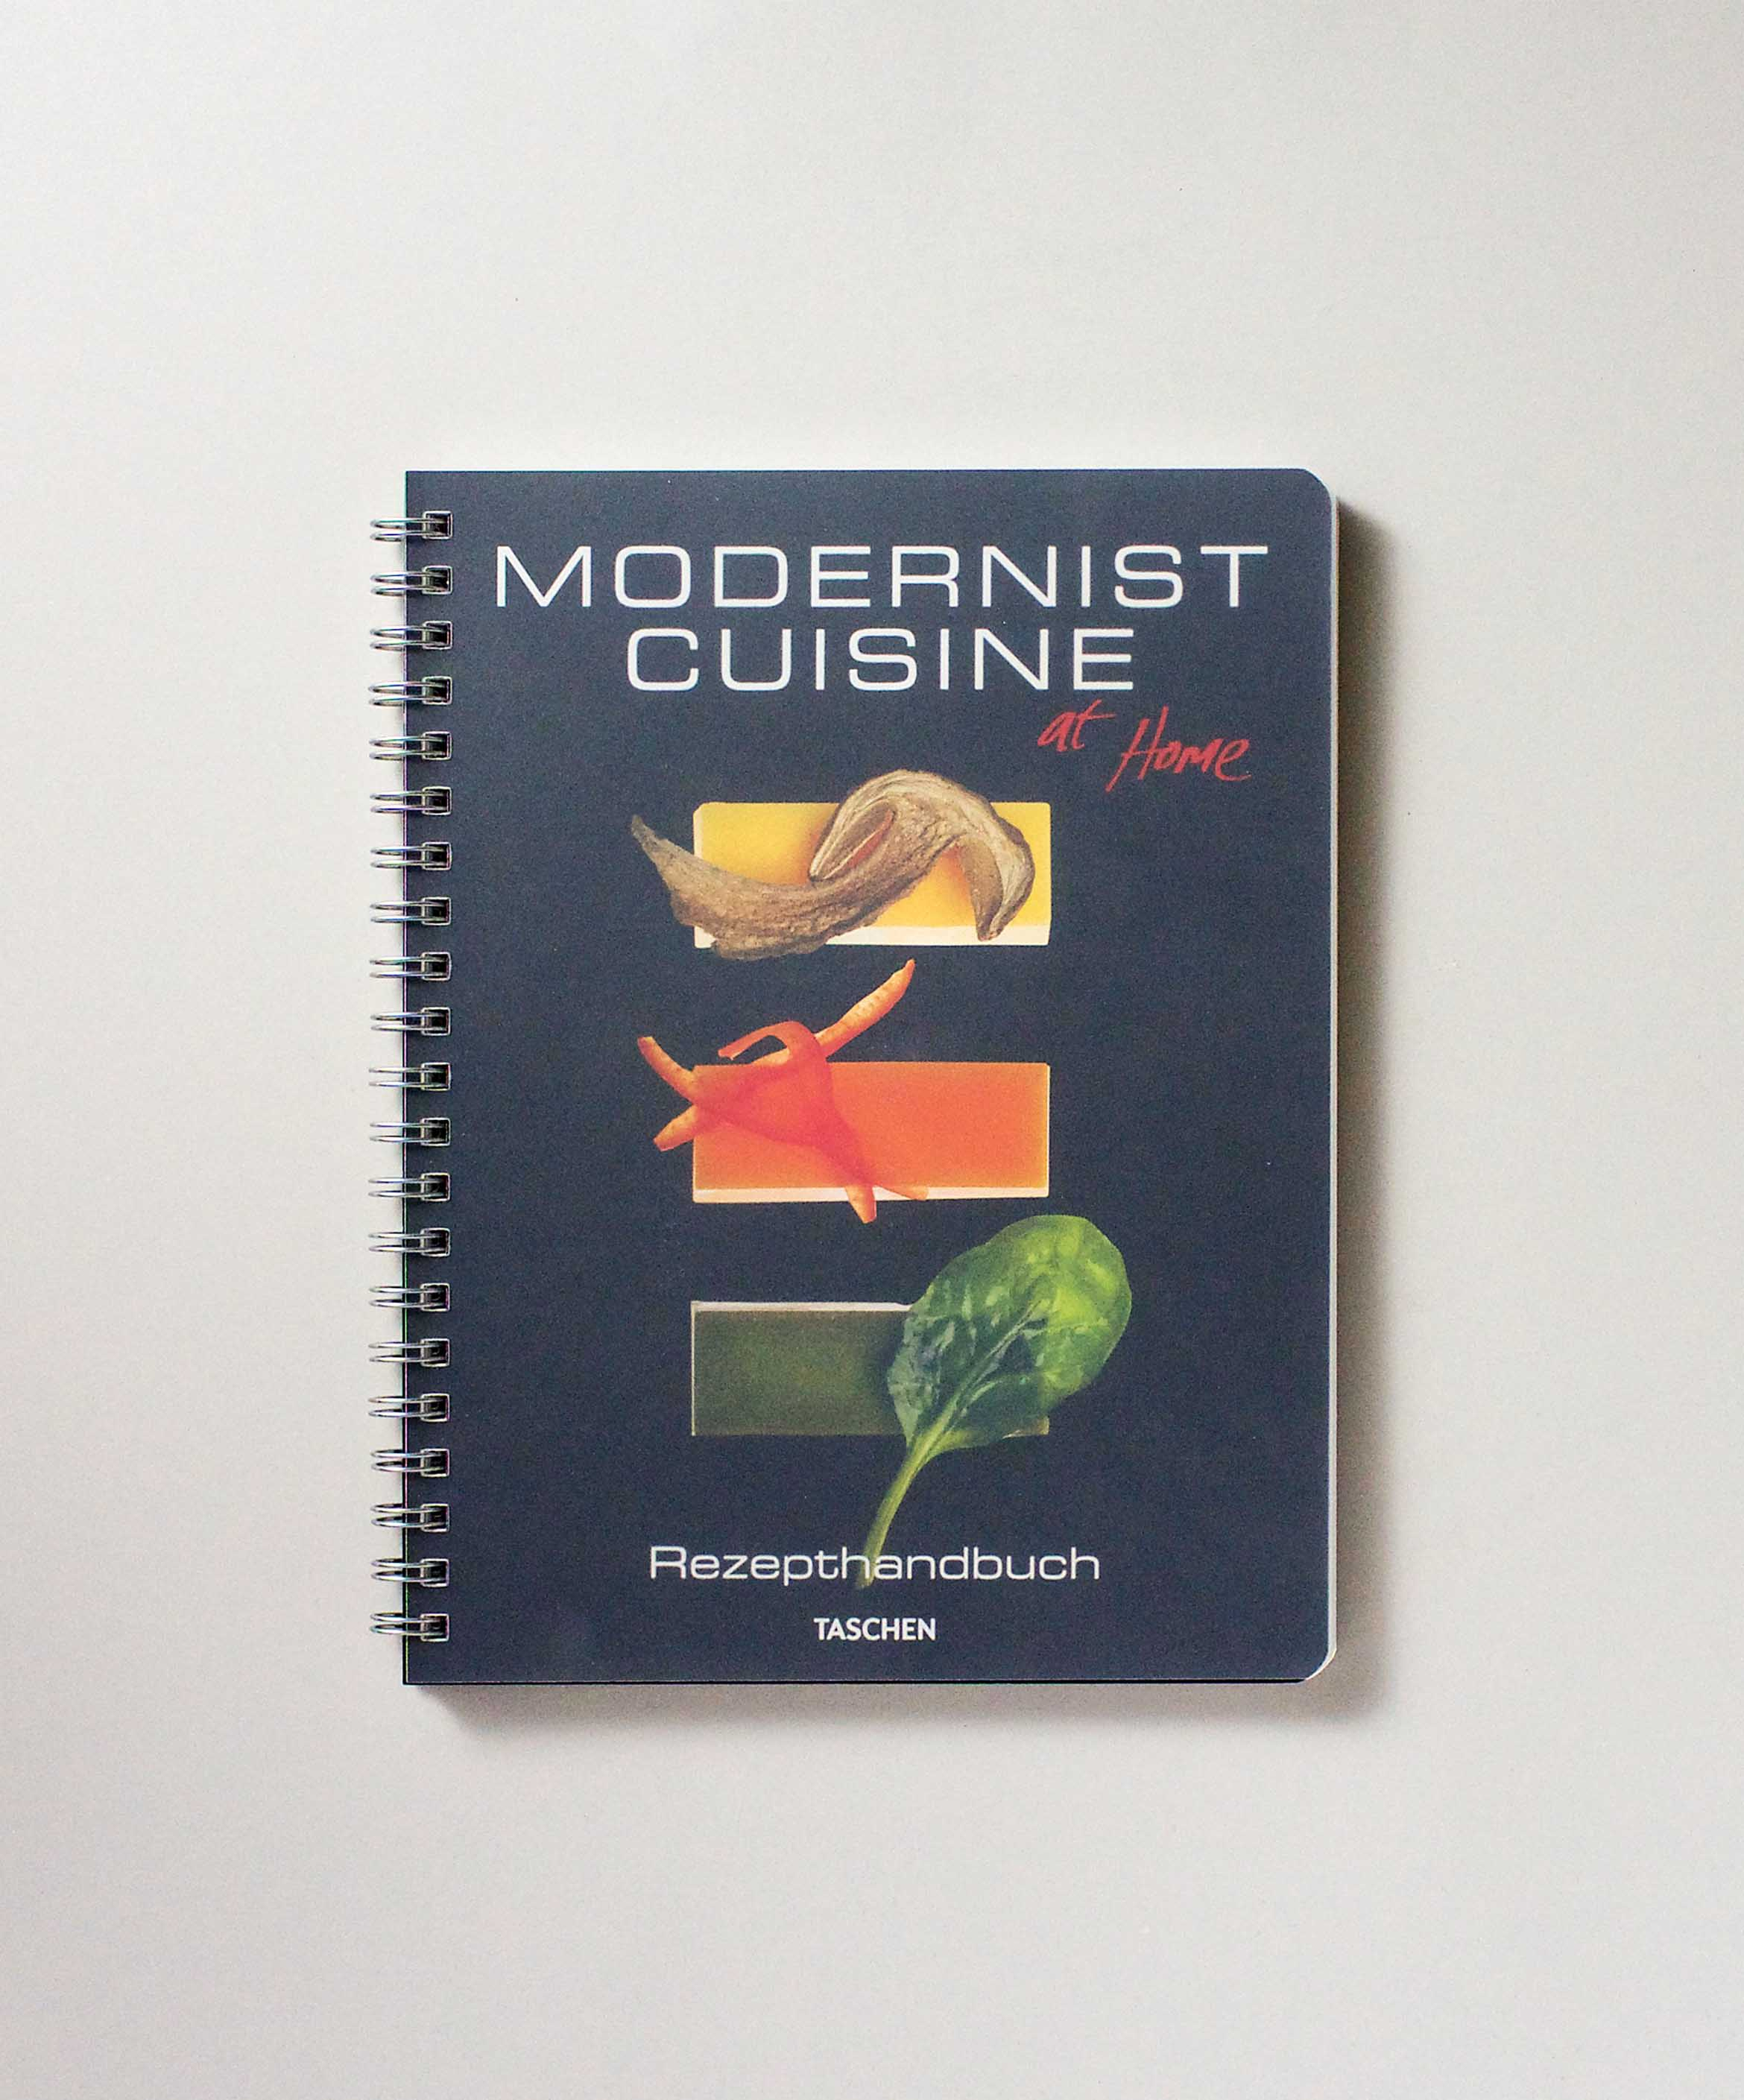 modernist_cuisine_rezepthandbuch_cover_01